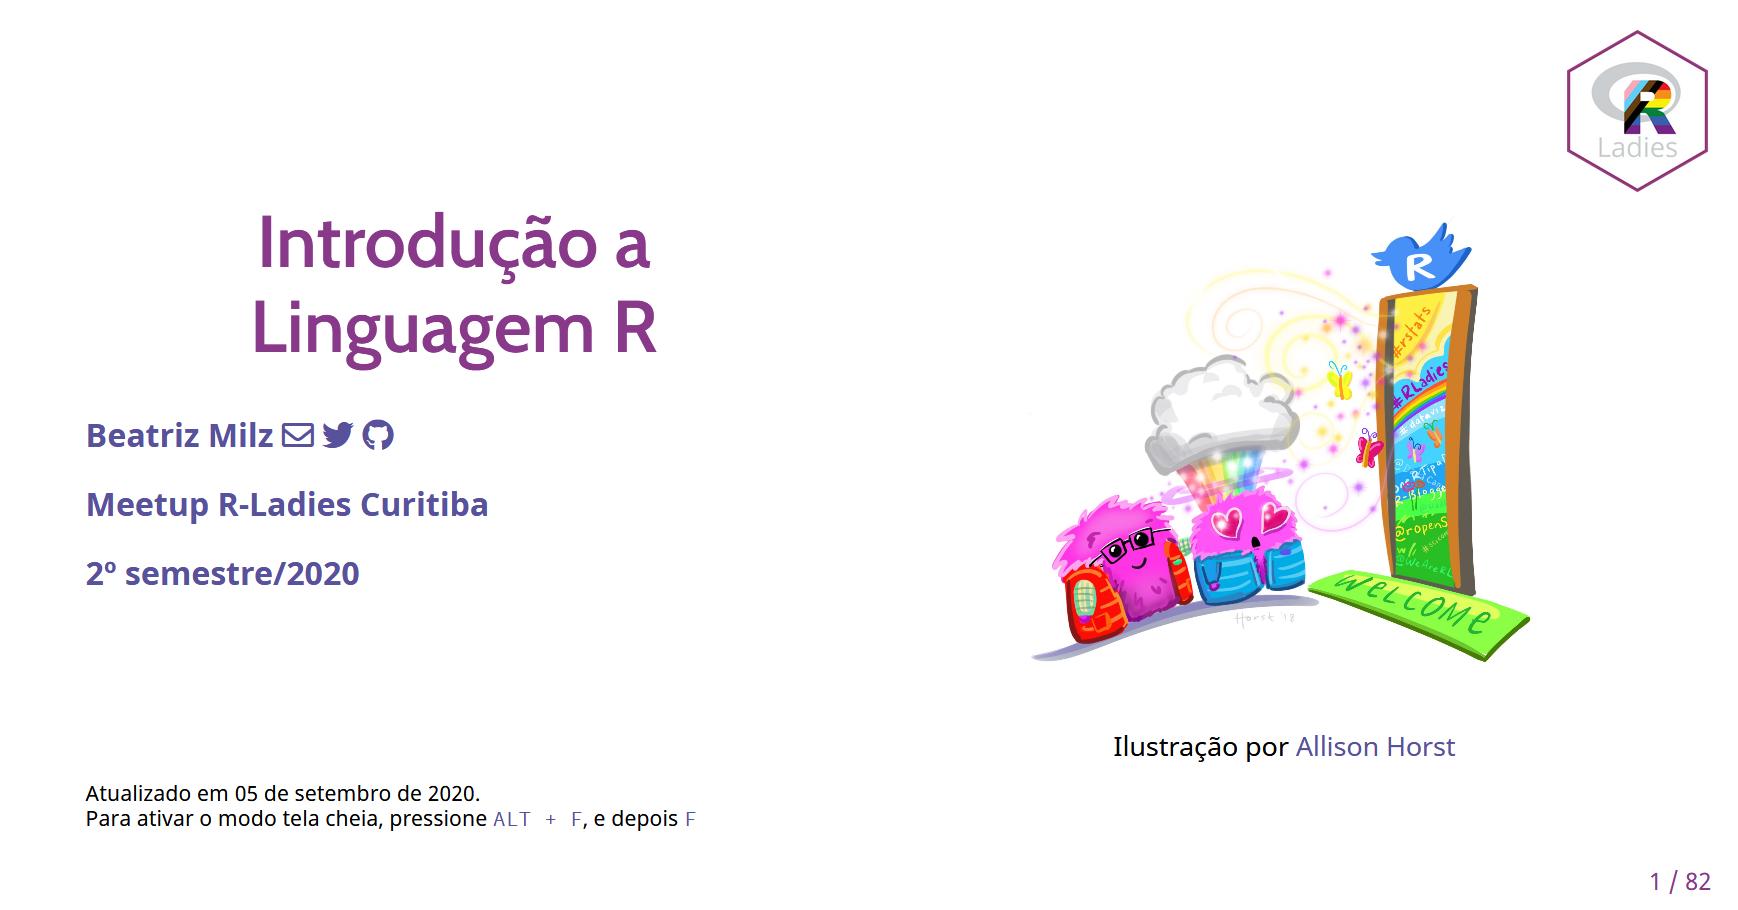 Primeira imagem do slide sobre Introdução ao R